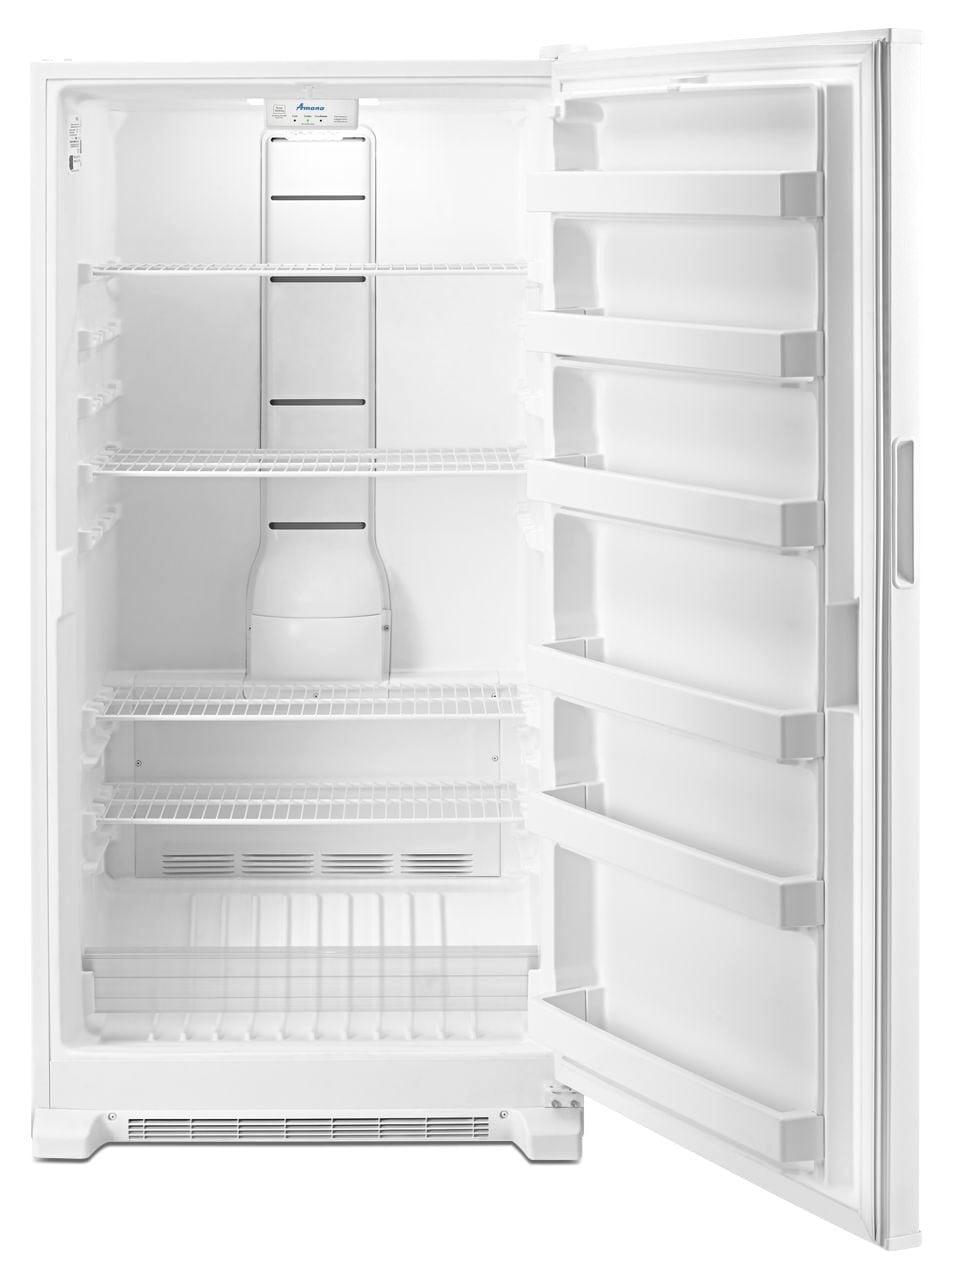 Amana White Upright Freezer 18 0 Cu Ft Azf33x18dw